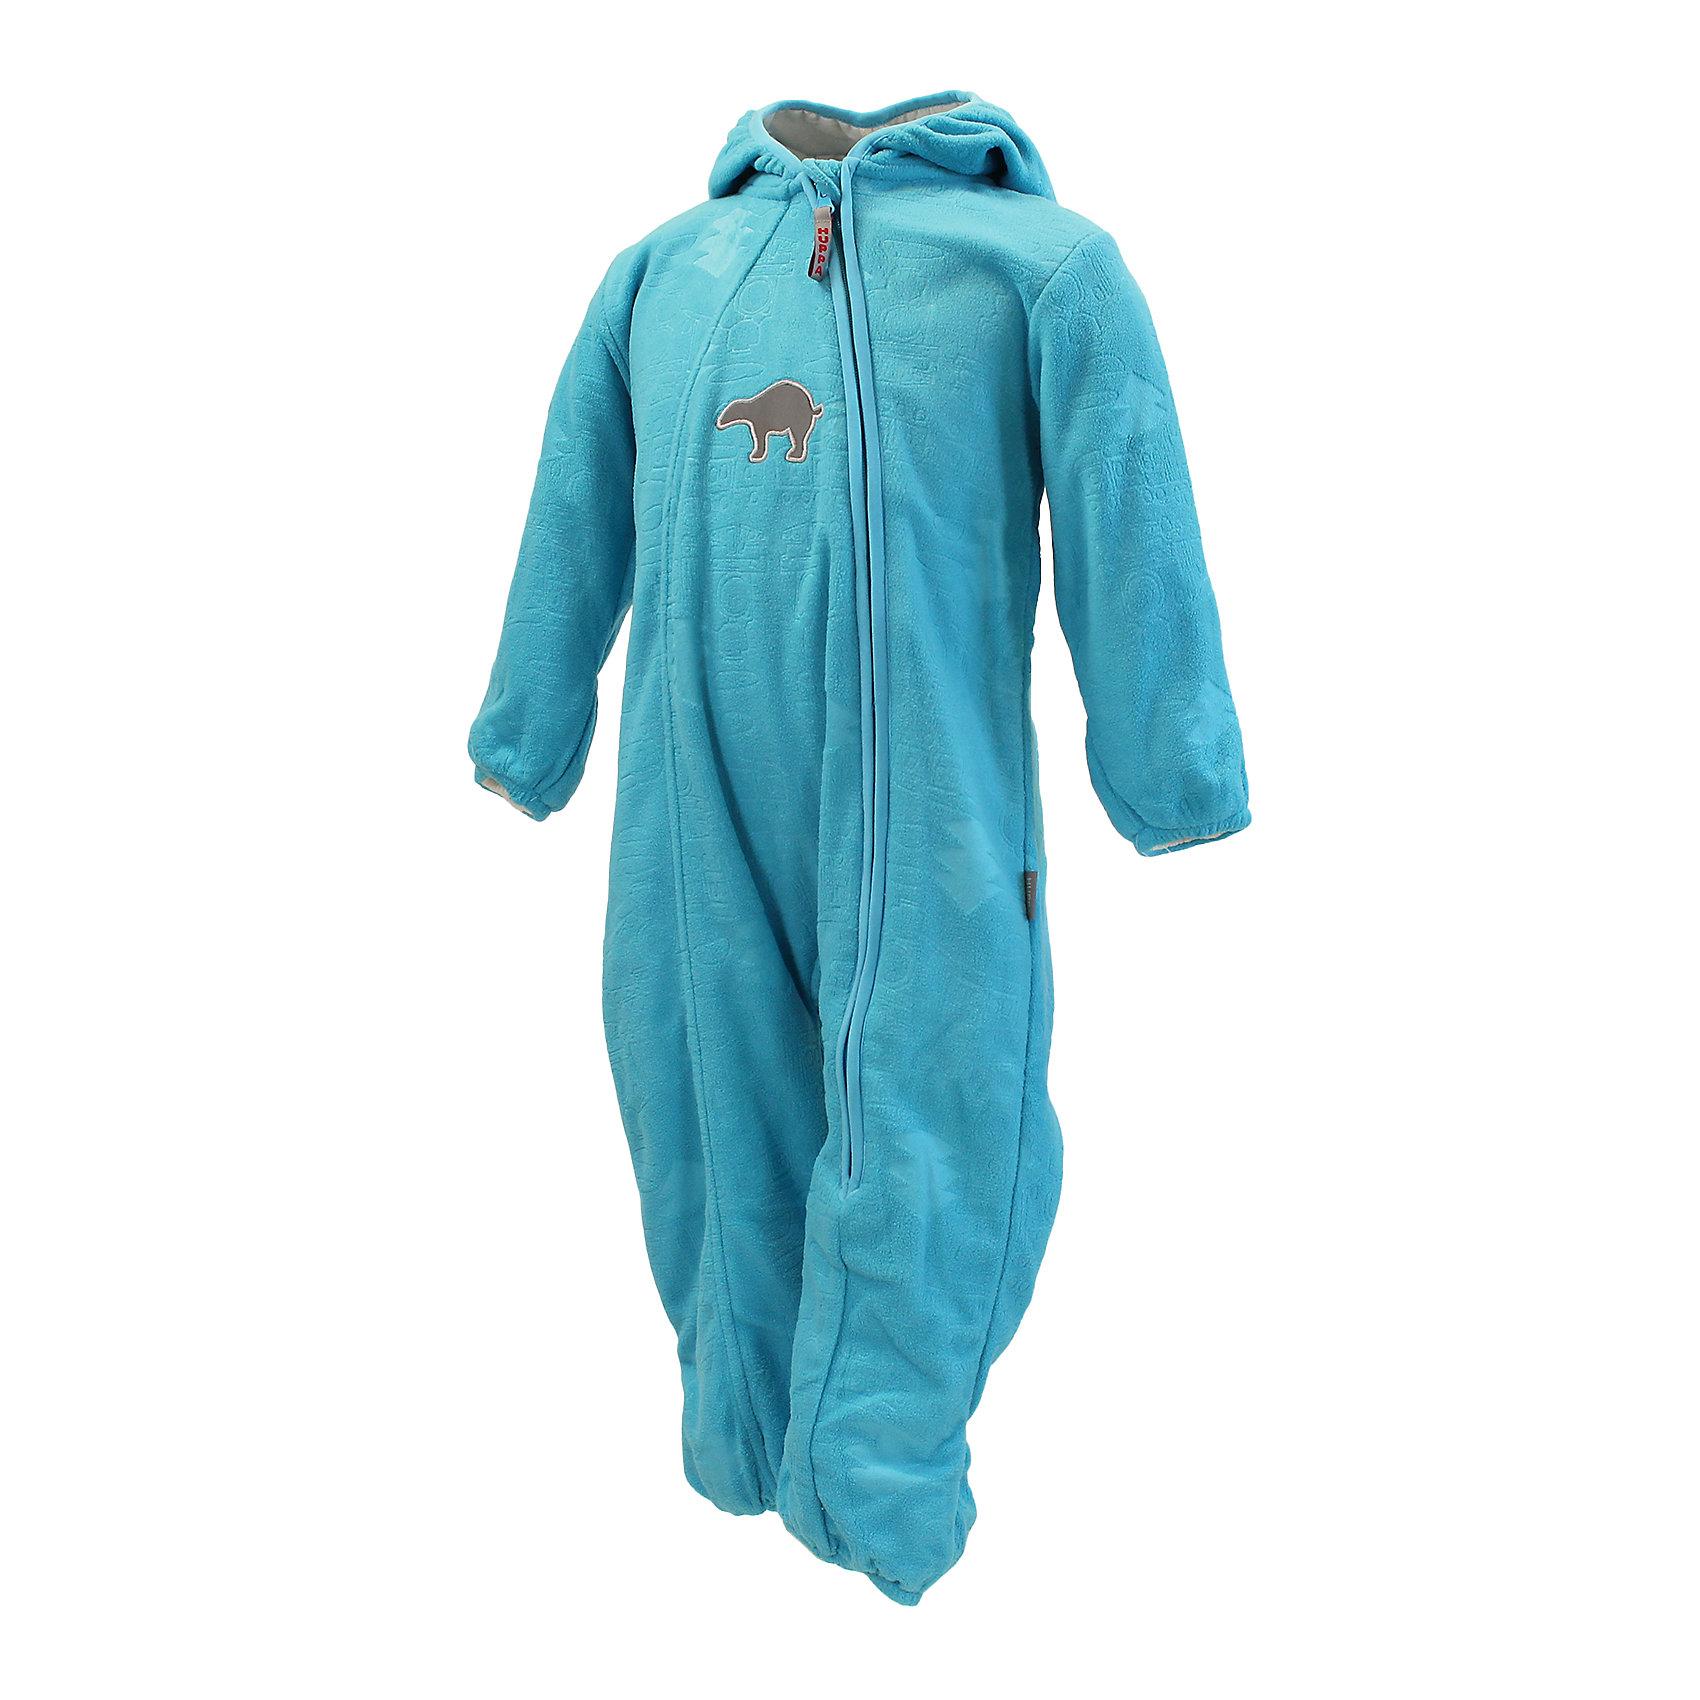 Комбинезон для девочки HuppaМягкий флисовый комбинезон с хлопковой подкладкой и рисунком белого медведя для сладких послеобеденных снов малыша в коляске или для игр в прохладную погоду. Идеально подходит и для надевания под верхнюю одежду. Для удобства одевания у комбинезона имеются длинный замок, резинка на спинке и капюшон. Концы рукавов и штанин можно всего парой движений завернуть назад.<br><br>Дополнительная информация:<br><br><br>Ткань: флис - 100% полиэстер<br>Подкладка: трикотаж - 100% хлопок<br>Манжеты с отворотом<br><br>Комбинезон для девочки Huppa можно купить в нашем магазине.<br><br>Ширина мм: 356<br>Глубина мм: 10<br>Высота мм: 245<br>Вес г: 519<br>Цвет: голубой<br>Возраст от месяцев: 2<br>Возраст до месяцев: 5<br>Пол: Женский<br>Возраст: Детский<br>Размер: 62,80,74,68<br>SKU: 4595525